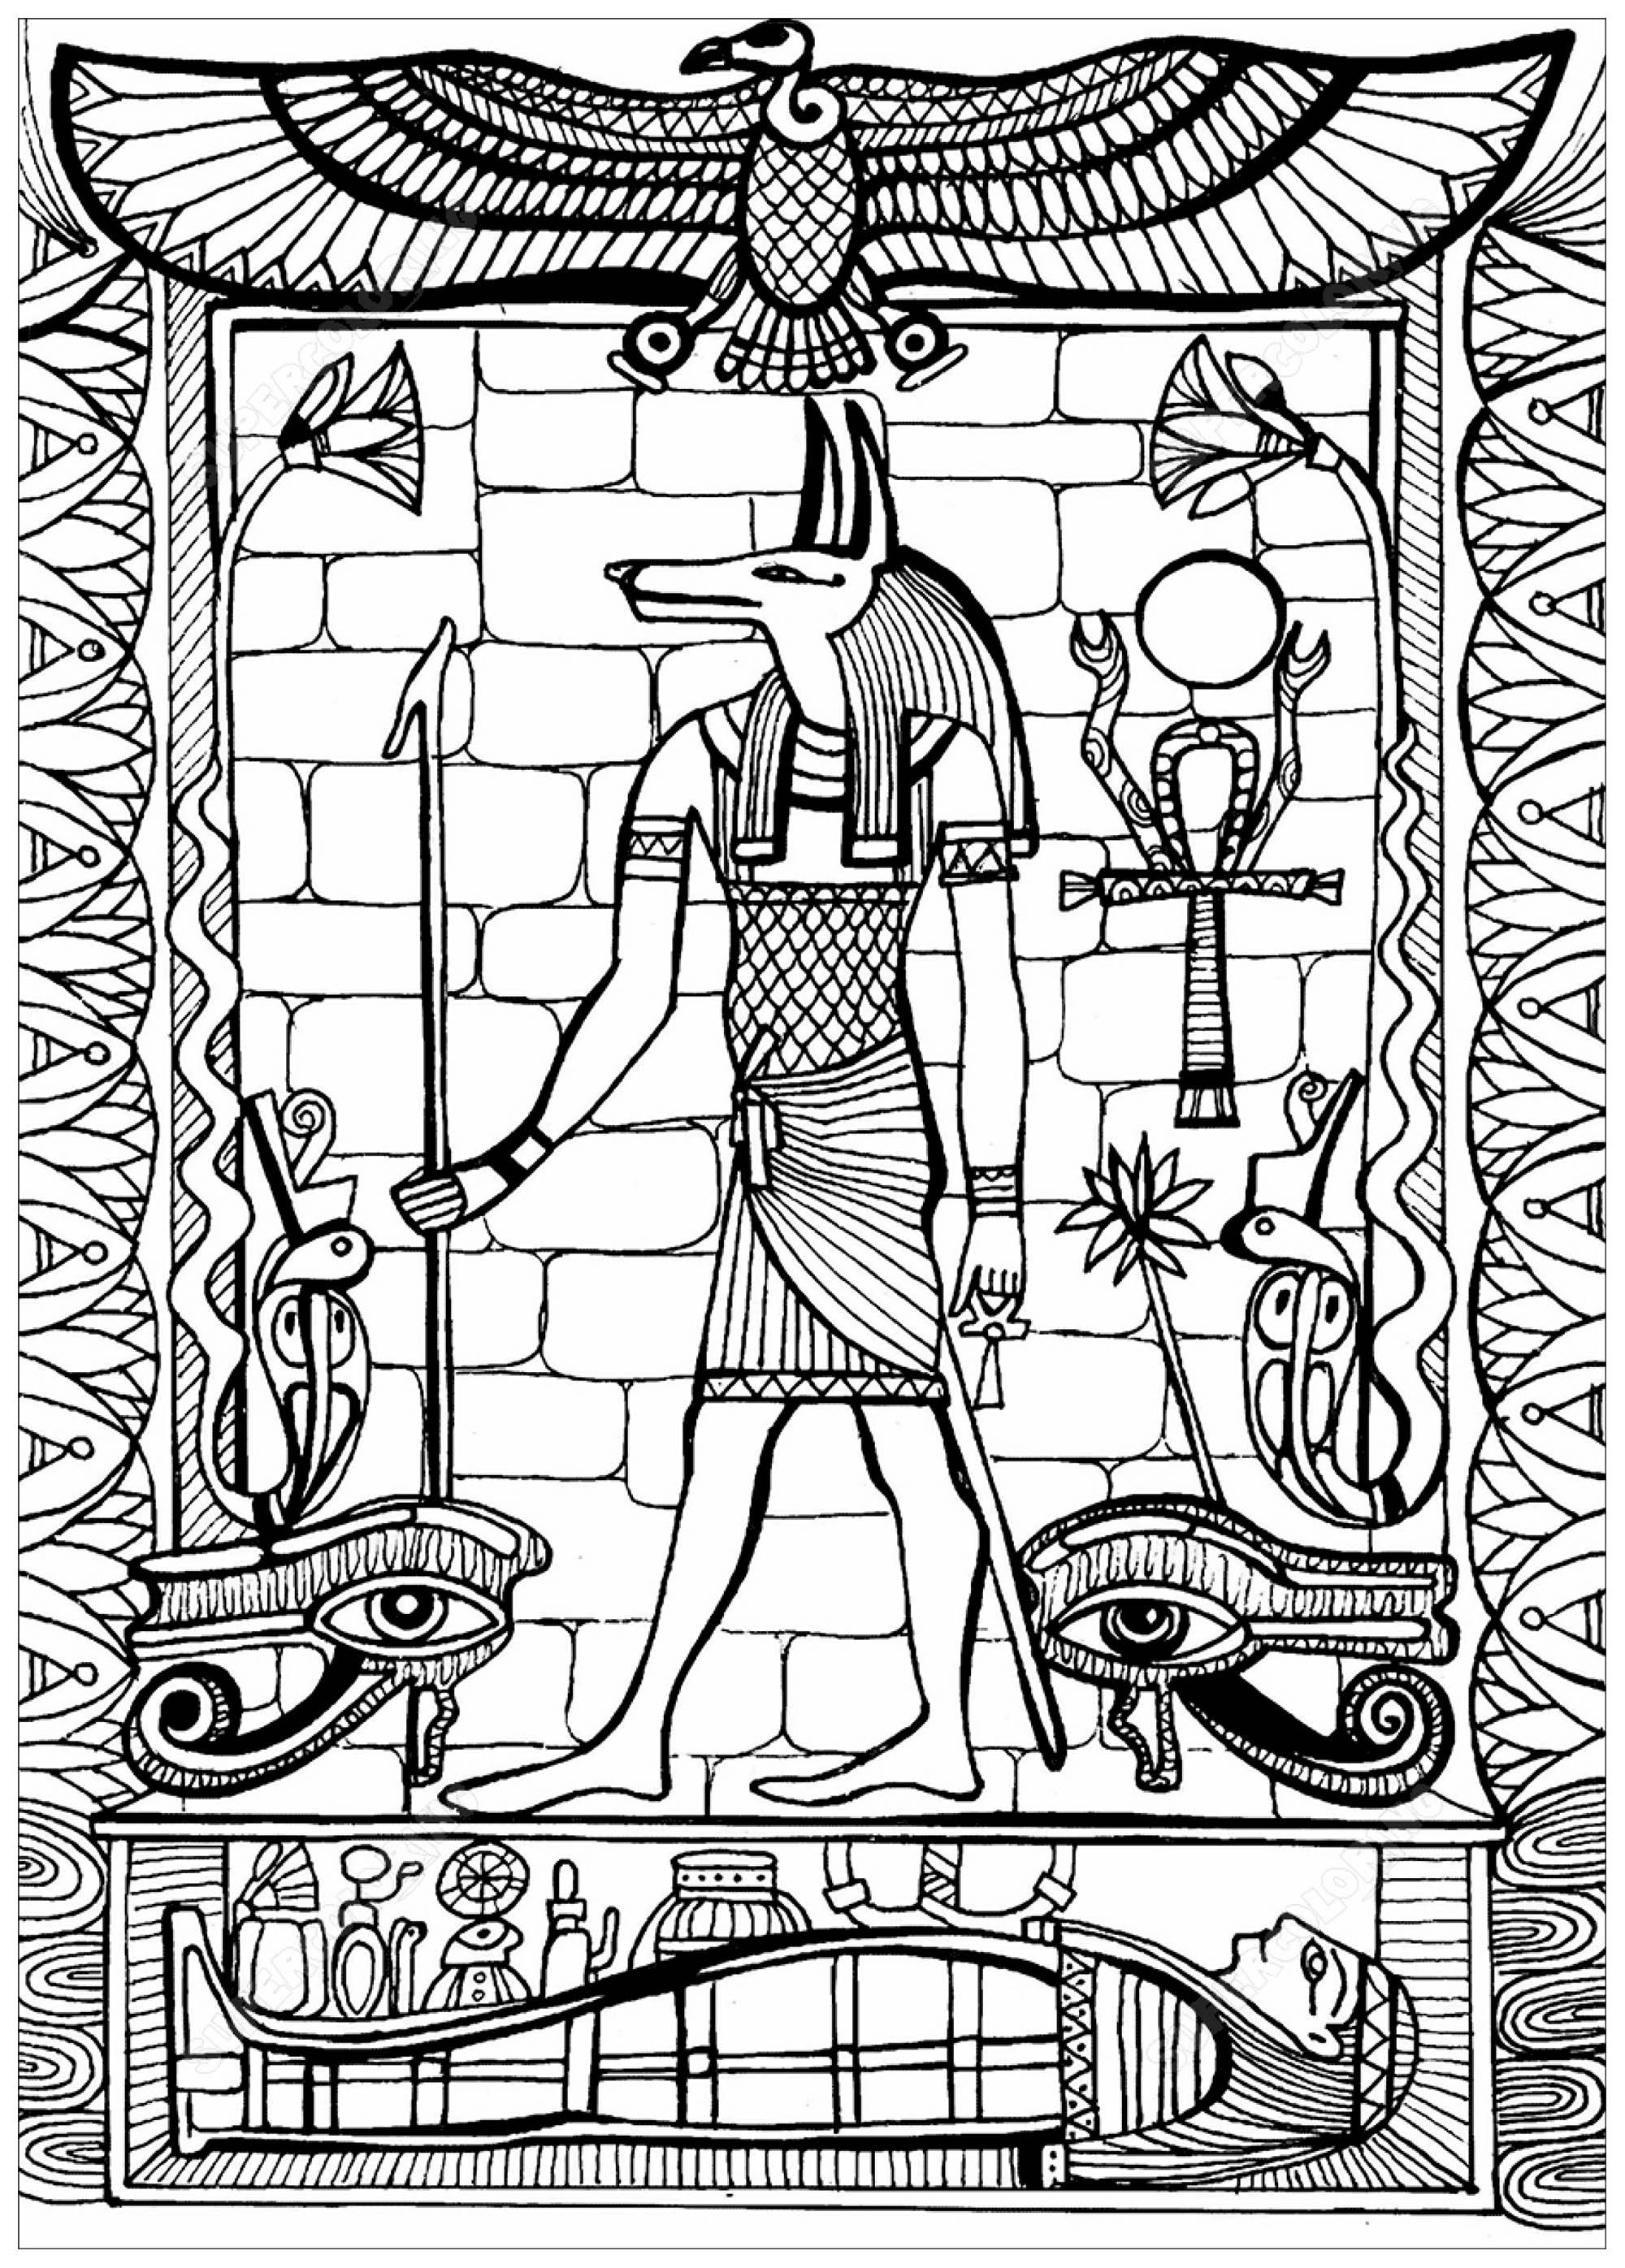 Agypten und hieroglyphen 15343 - Ägypten und Hieroglyphen - Malbuch ...